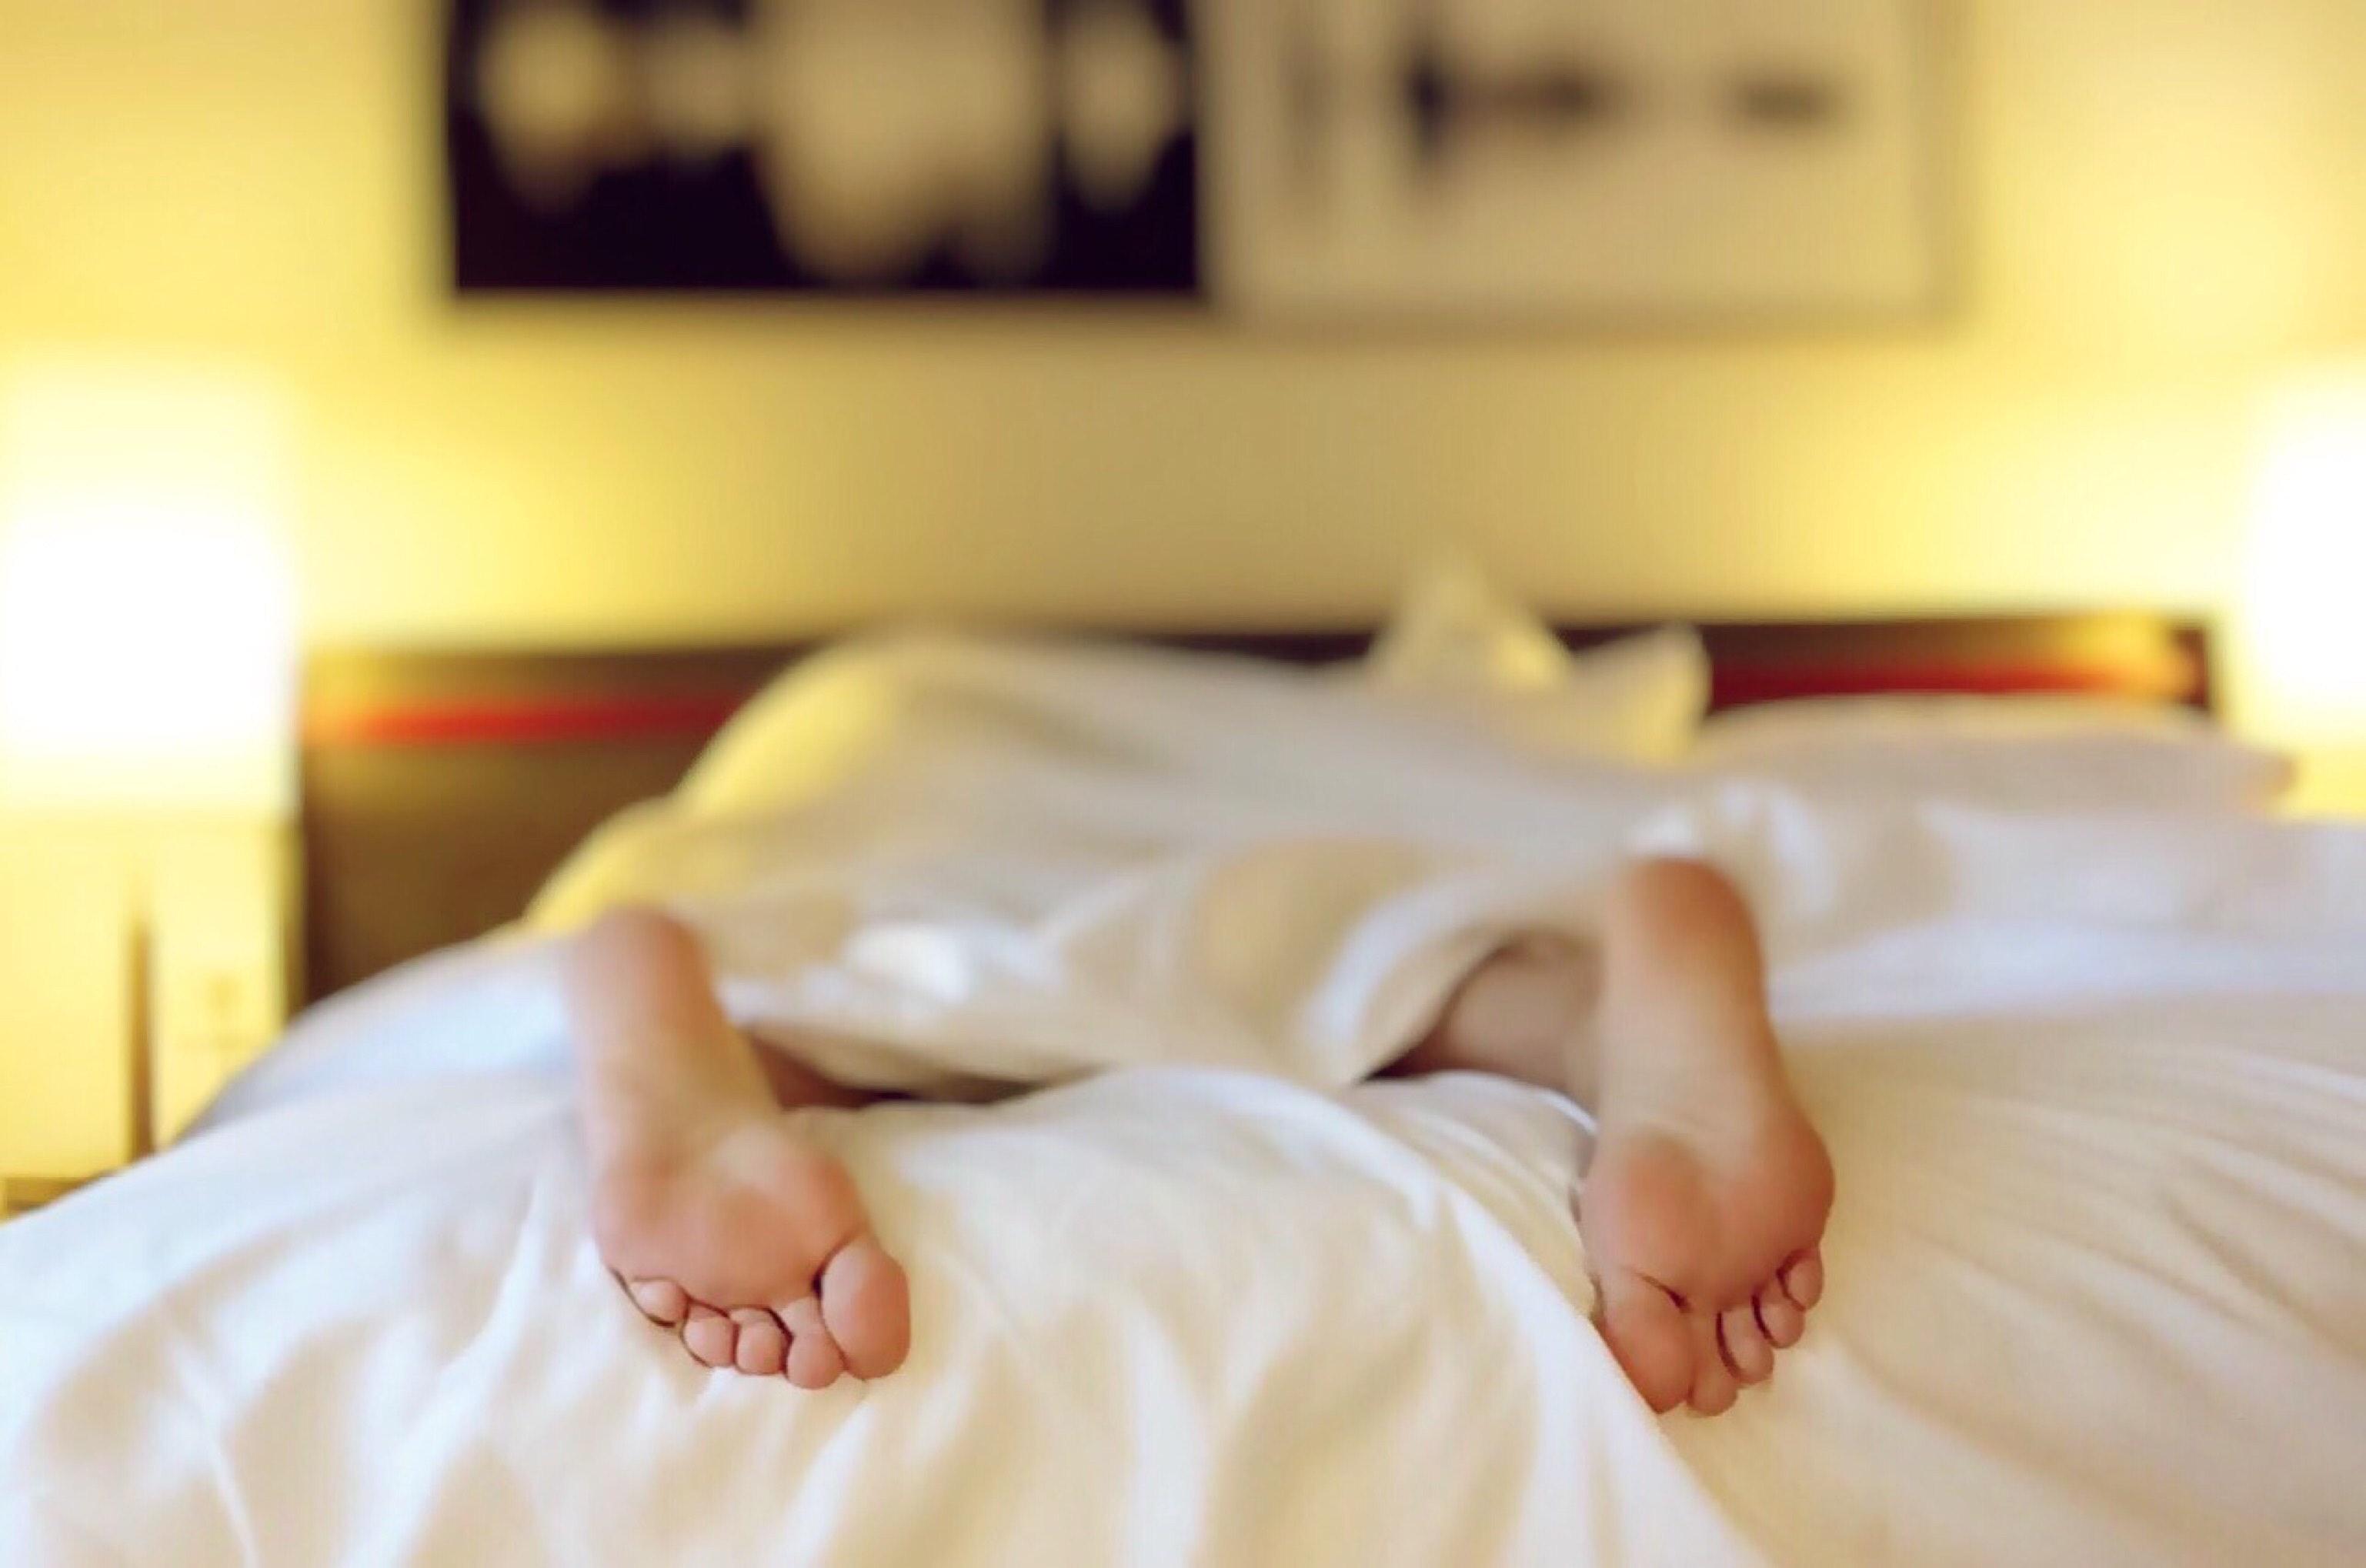 alone-bed-bedroom-blur-271897.jpg